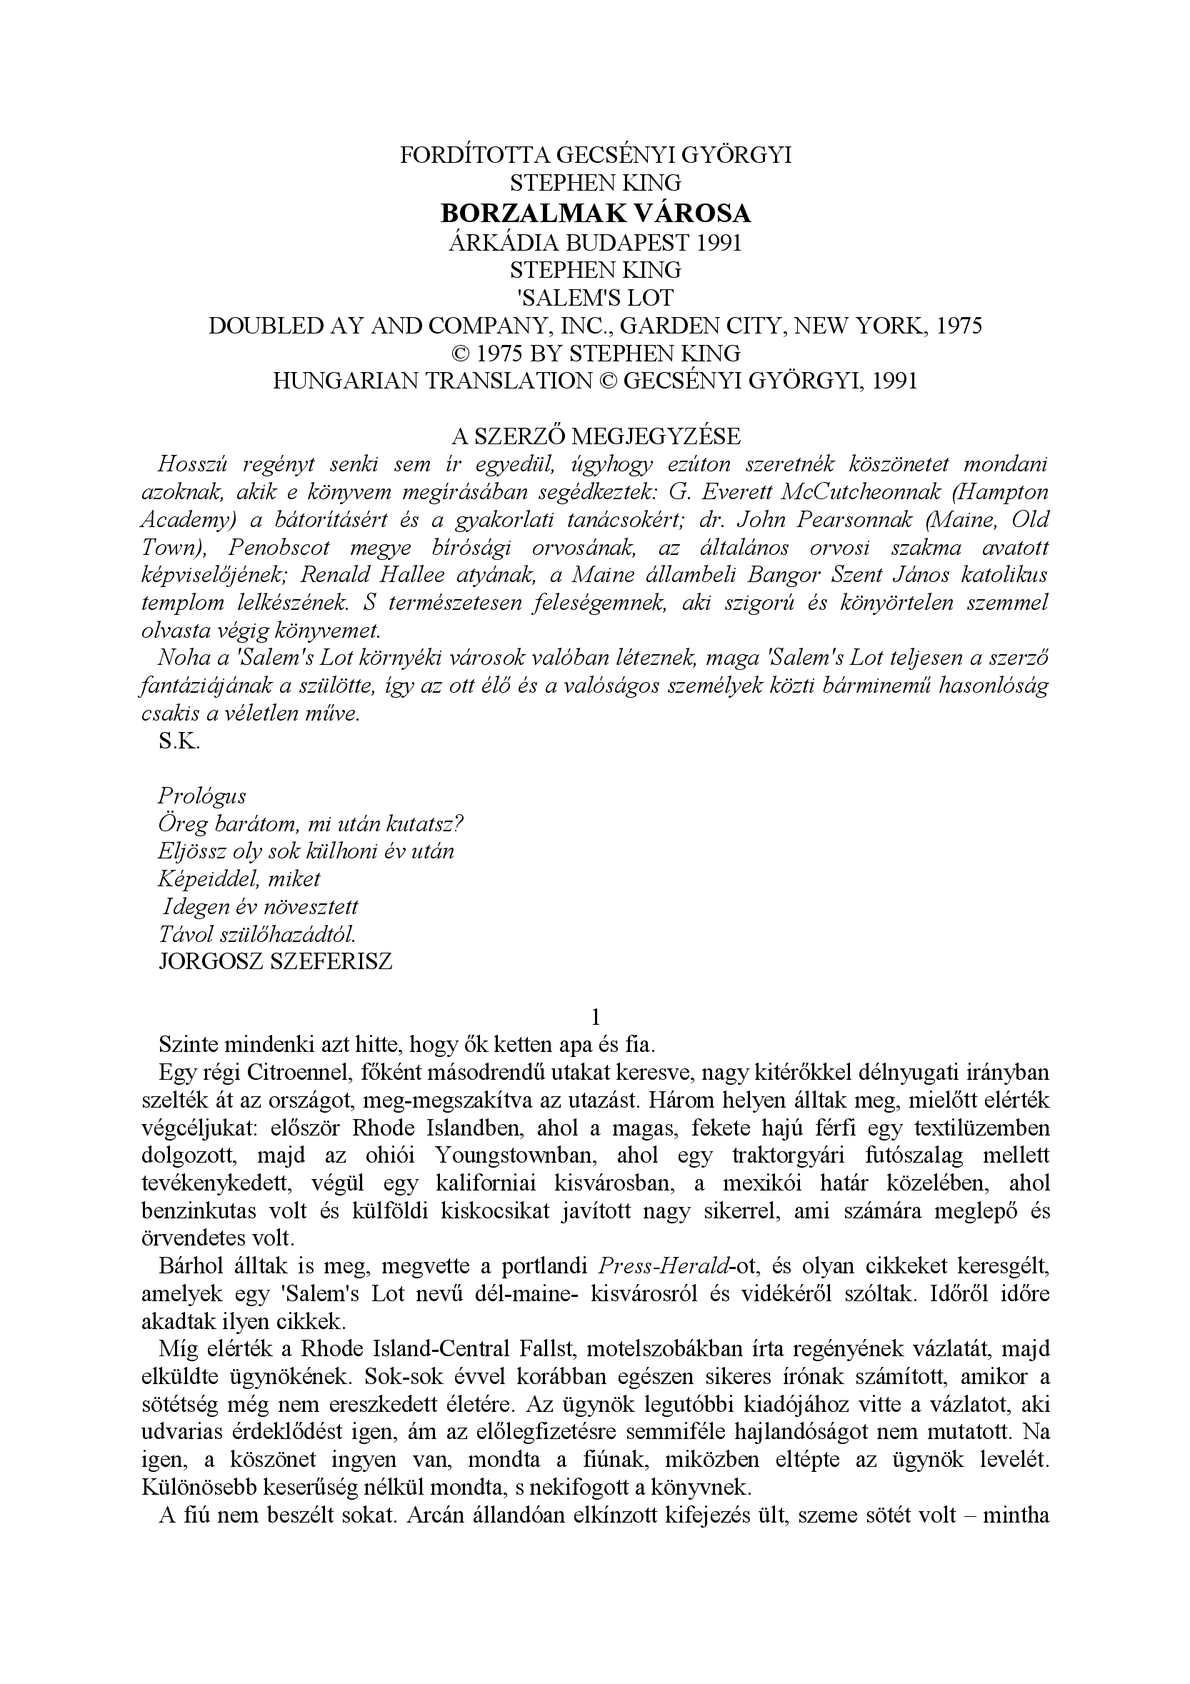 Magyar Narancs - Belpol - Fizetni a pisisekért